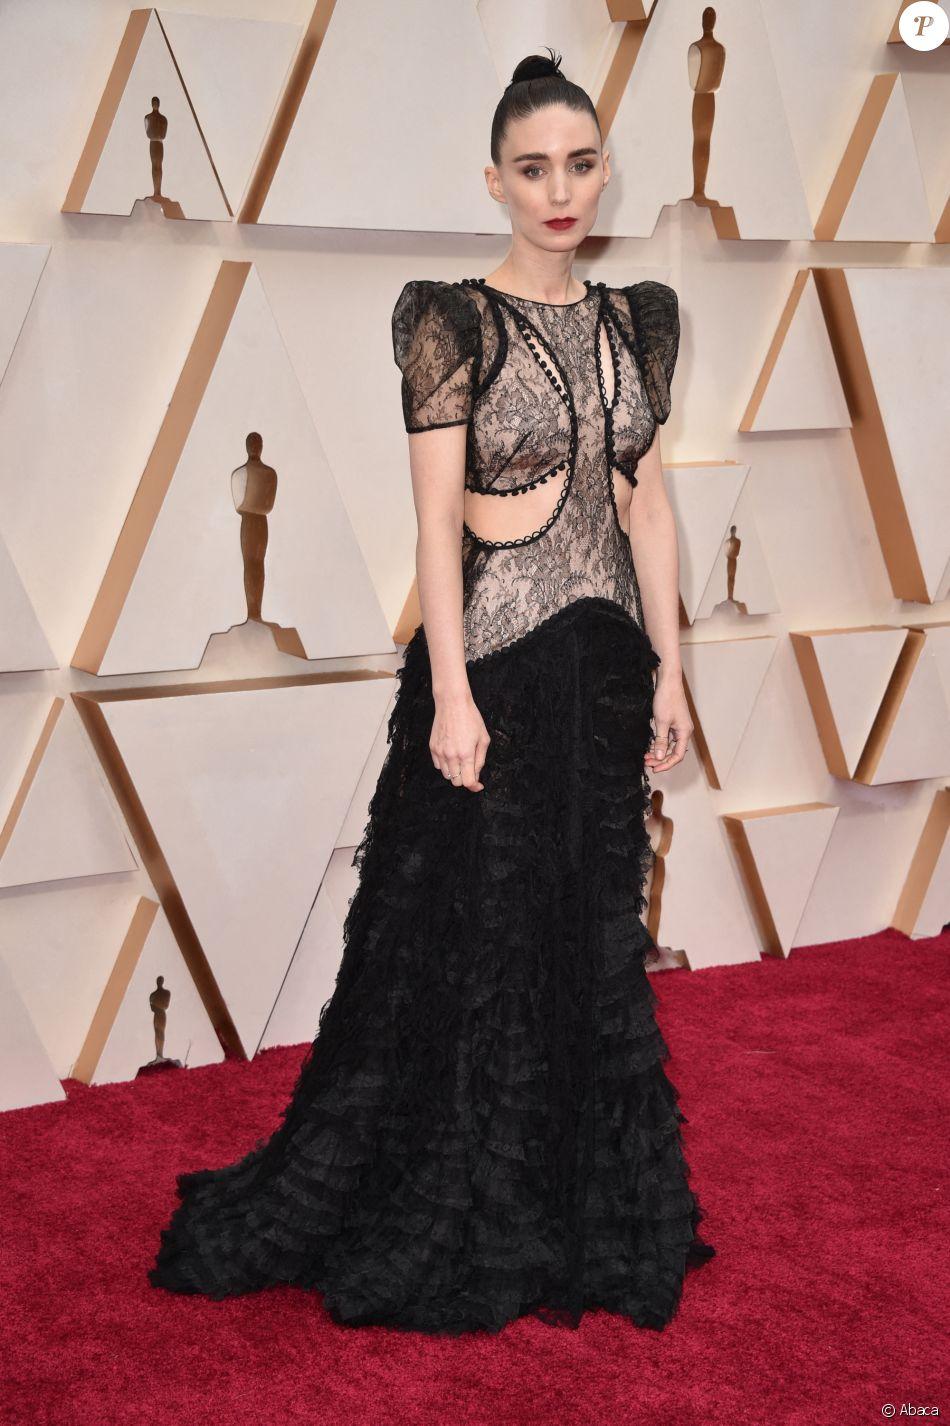 Rooney Mara assiste aux 92e Oscars au Dolby Theatre, habillée d'une robe Alexander McQueen. Hollywood, Los Angeles, le 9 février 2020.